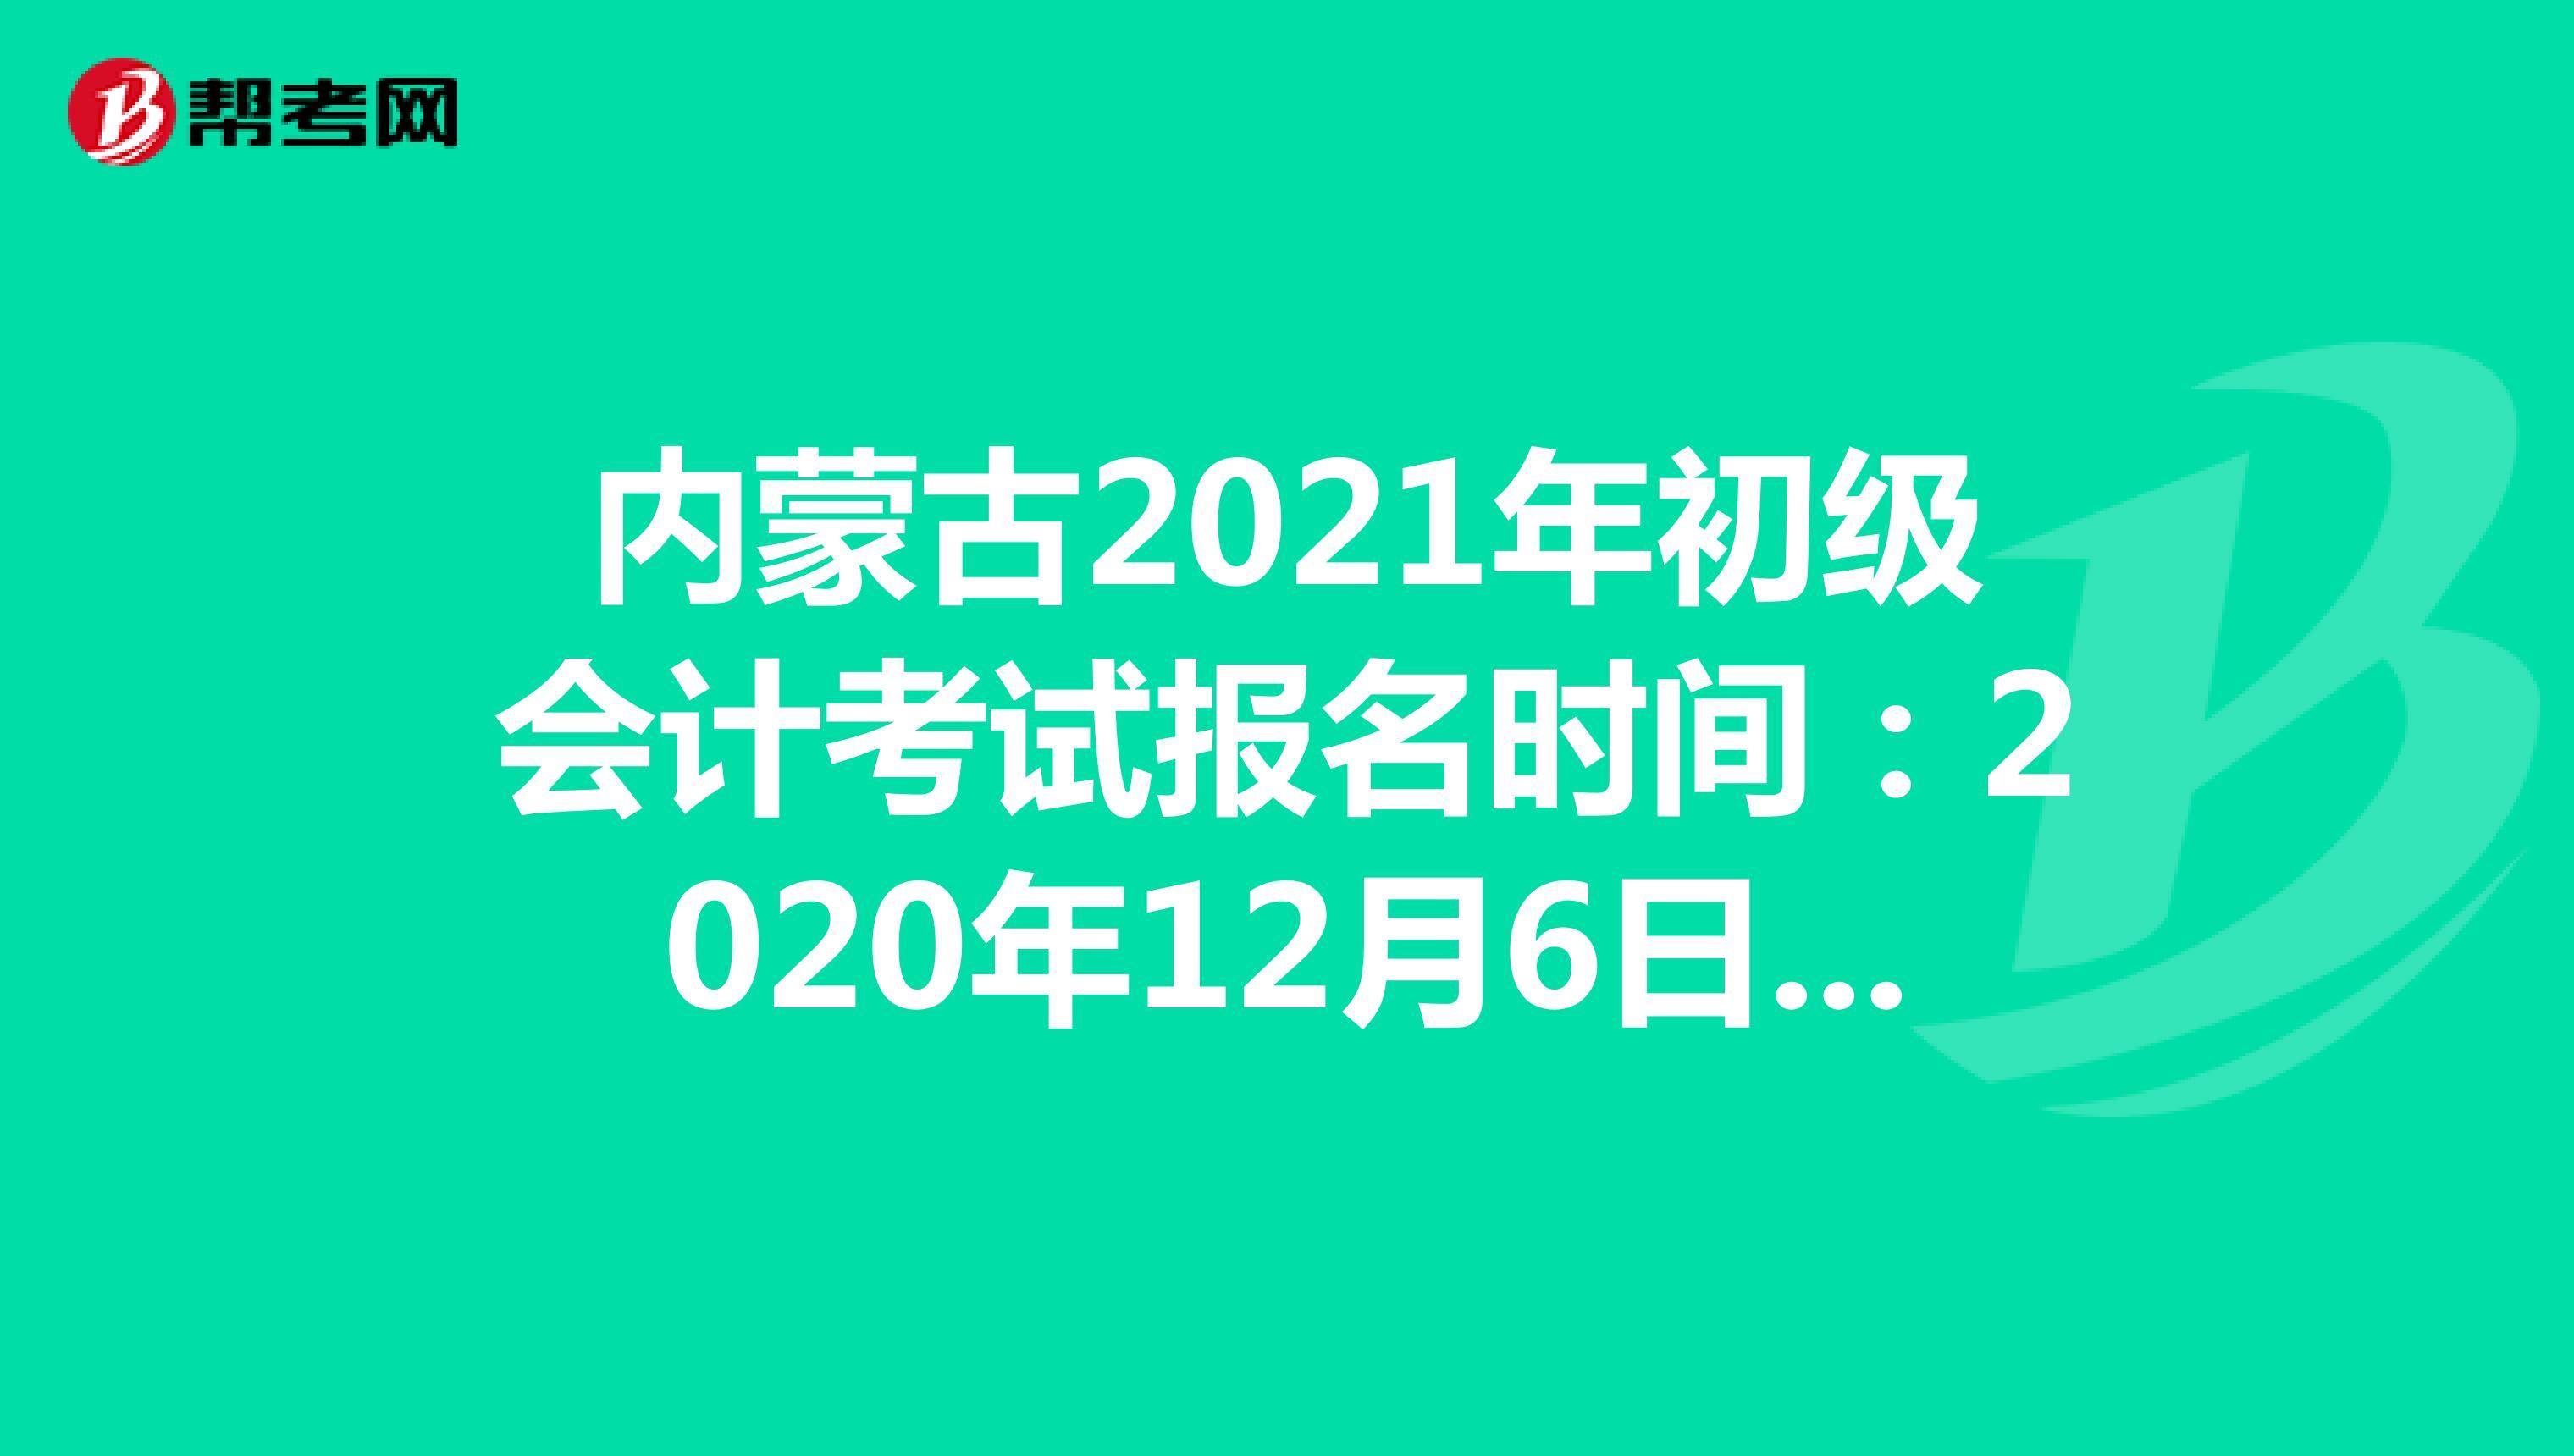 内蒙古2021年初级会计考试报名时间:2020年12月6日-25日